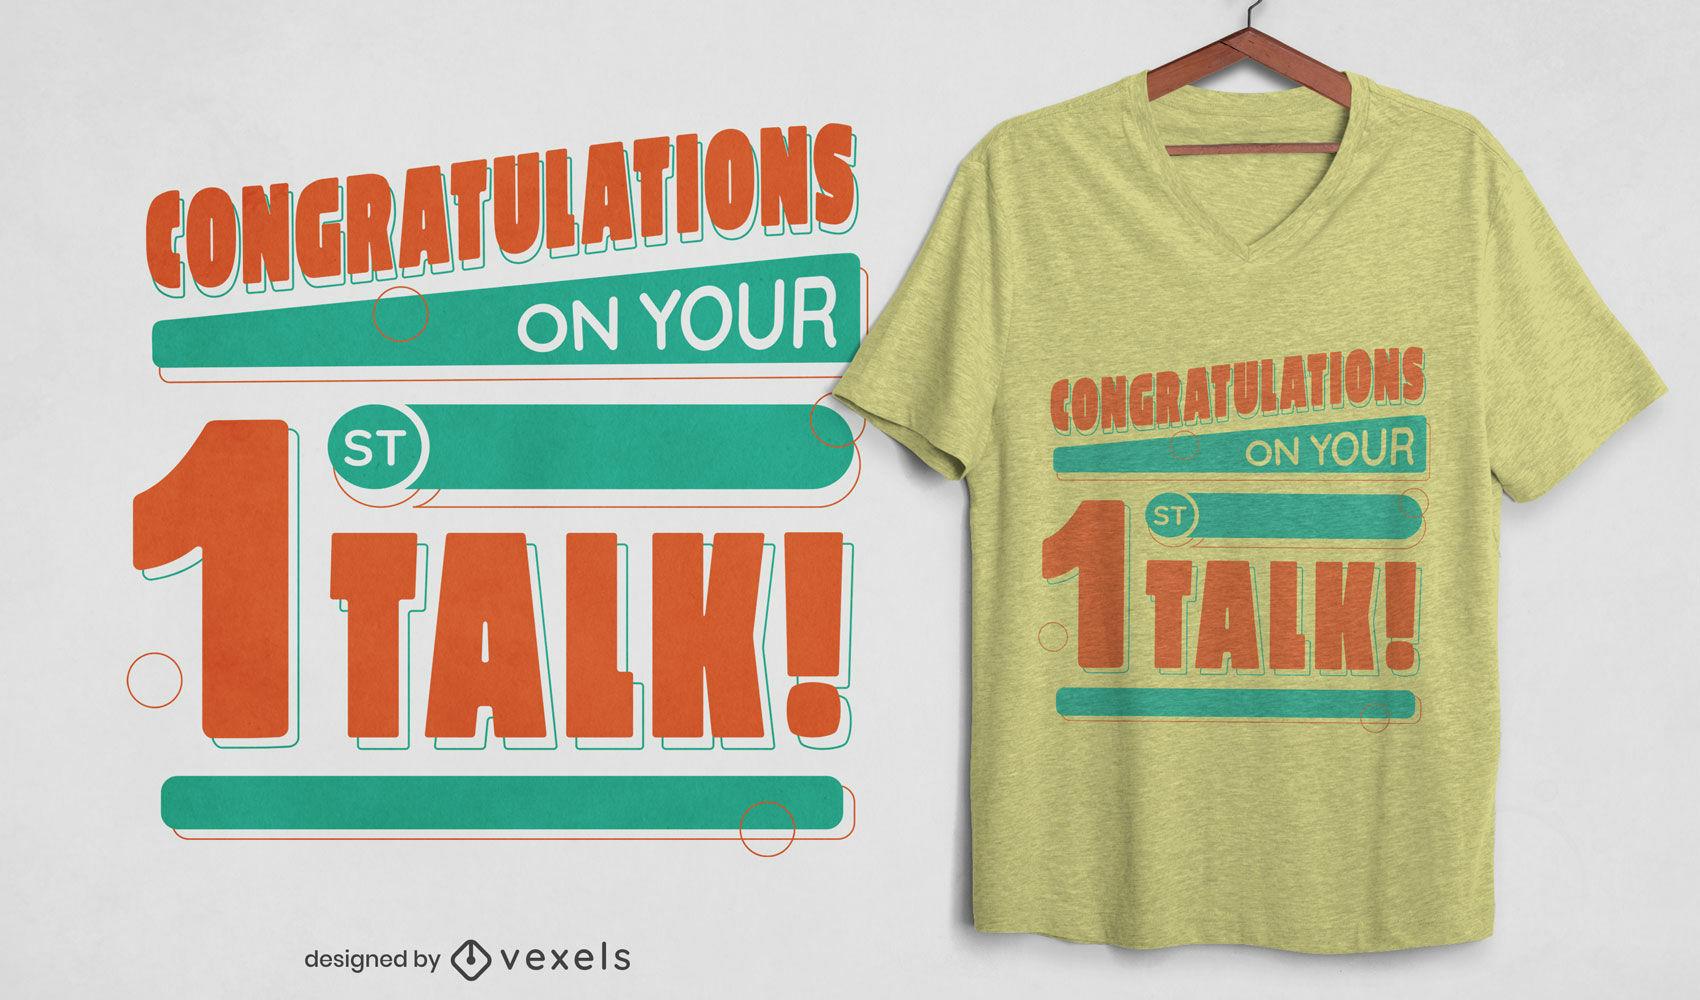 Felicitaciones cita diseño de camiseta